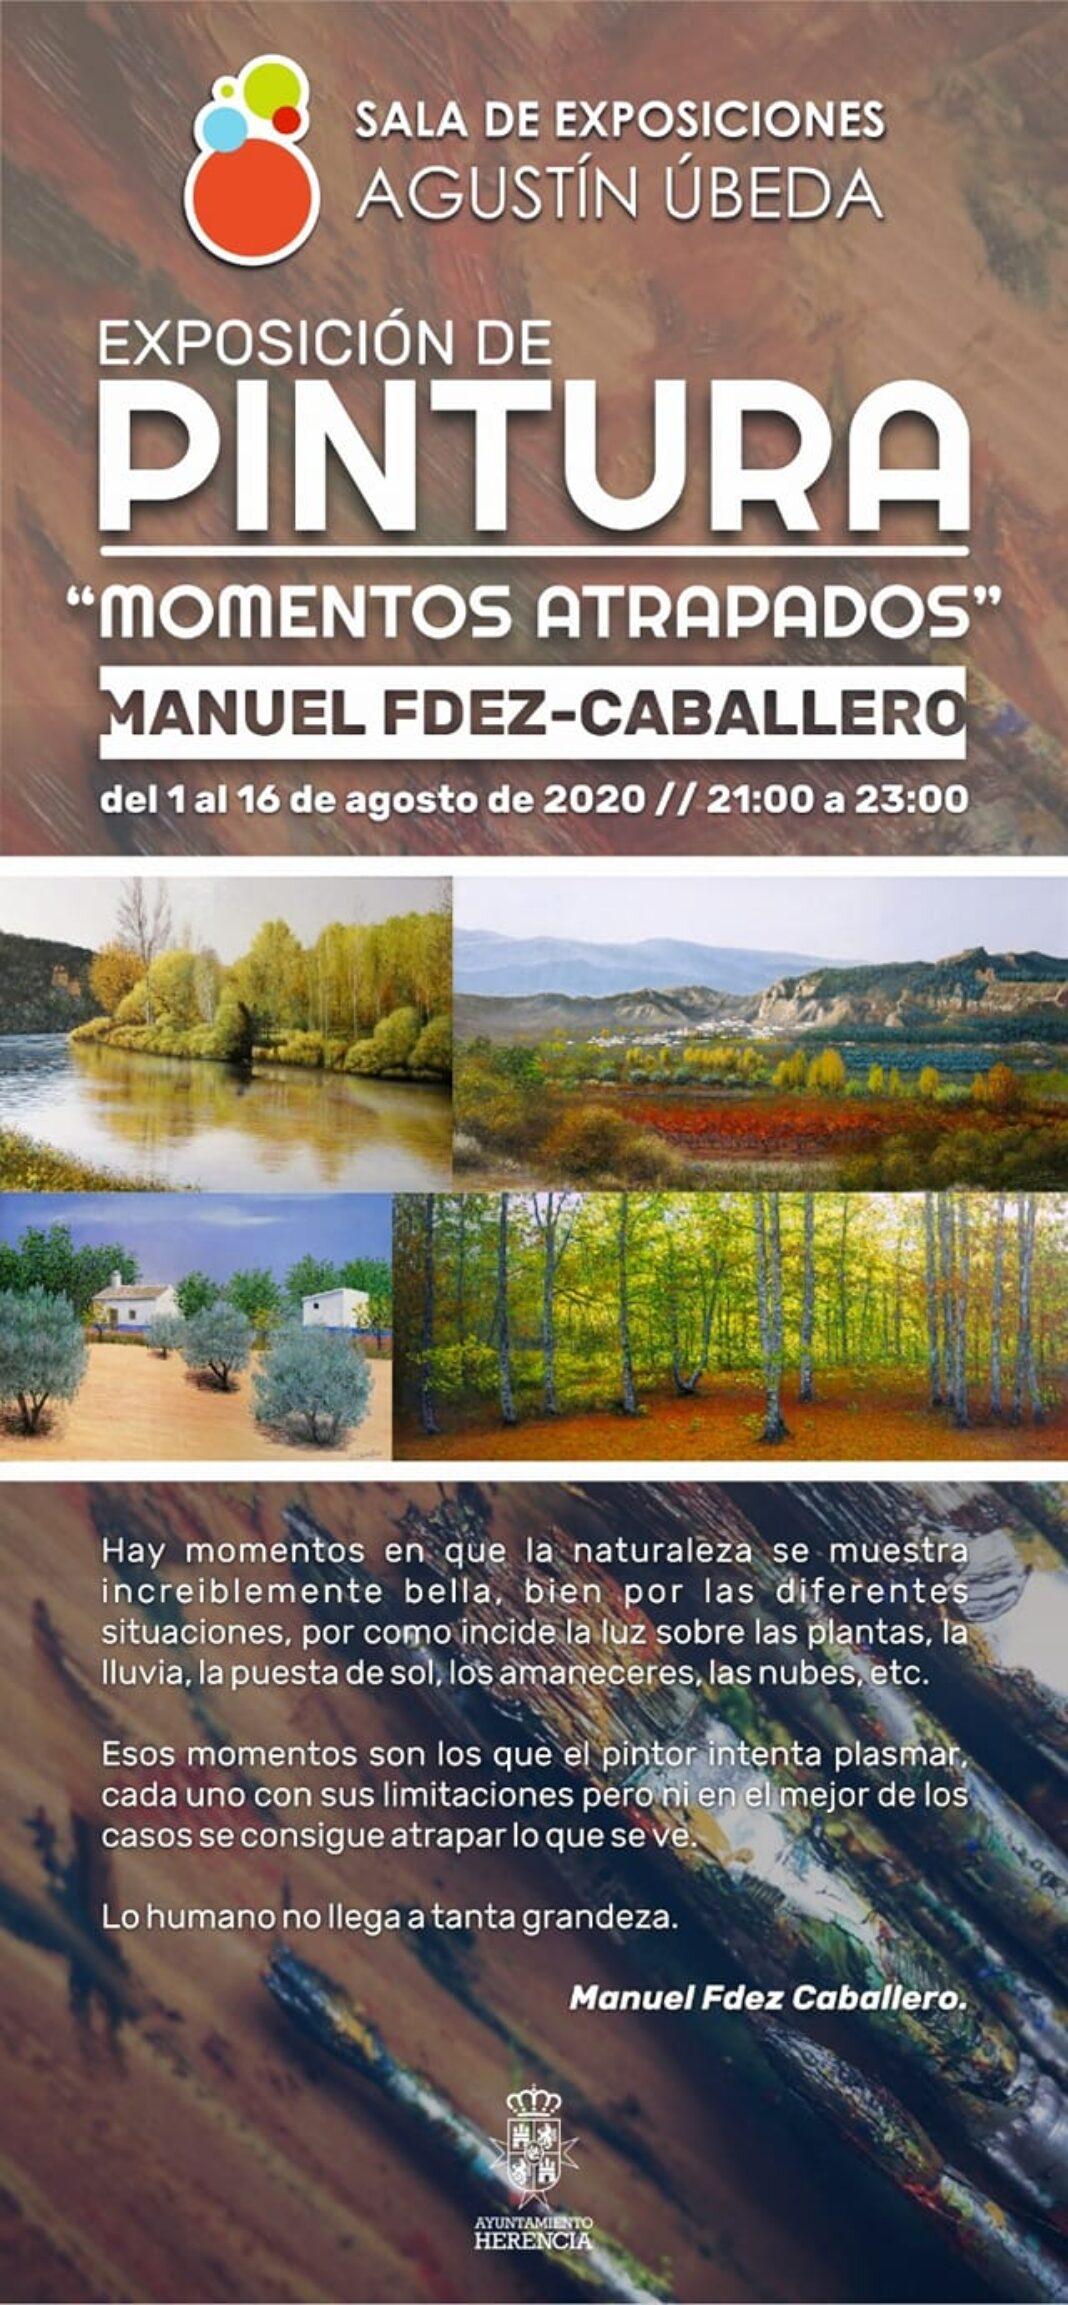 """Momentos aptrapados Exposición de Manuel Fdez Caballero 1068x2305 - """"Momentos atrapados"""", exposición de pintura de Manuel Fdez-Caballero en Herencia"""